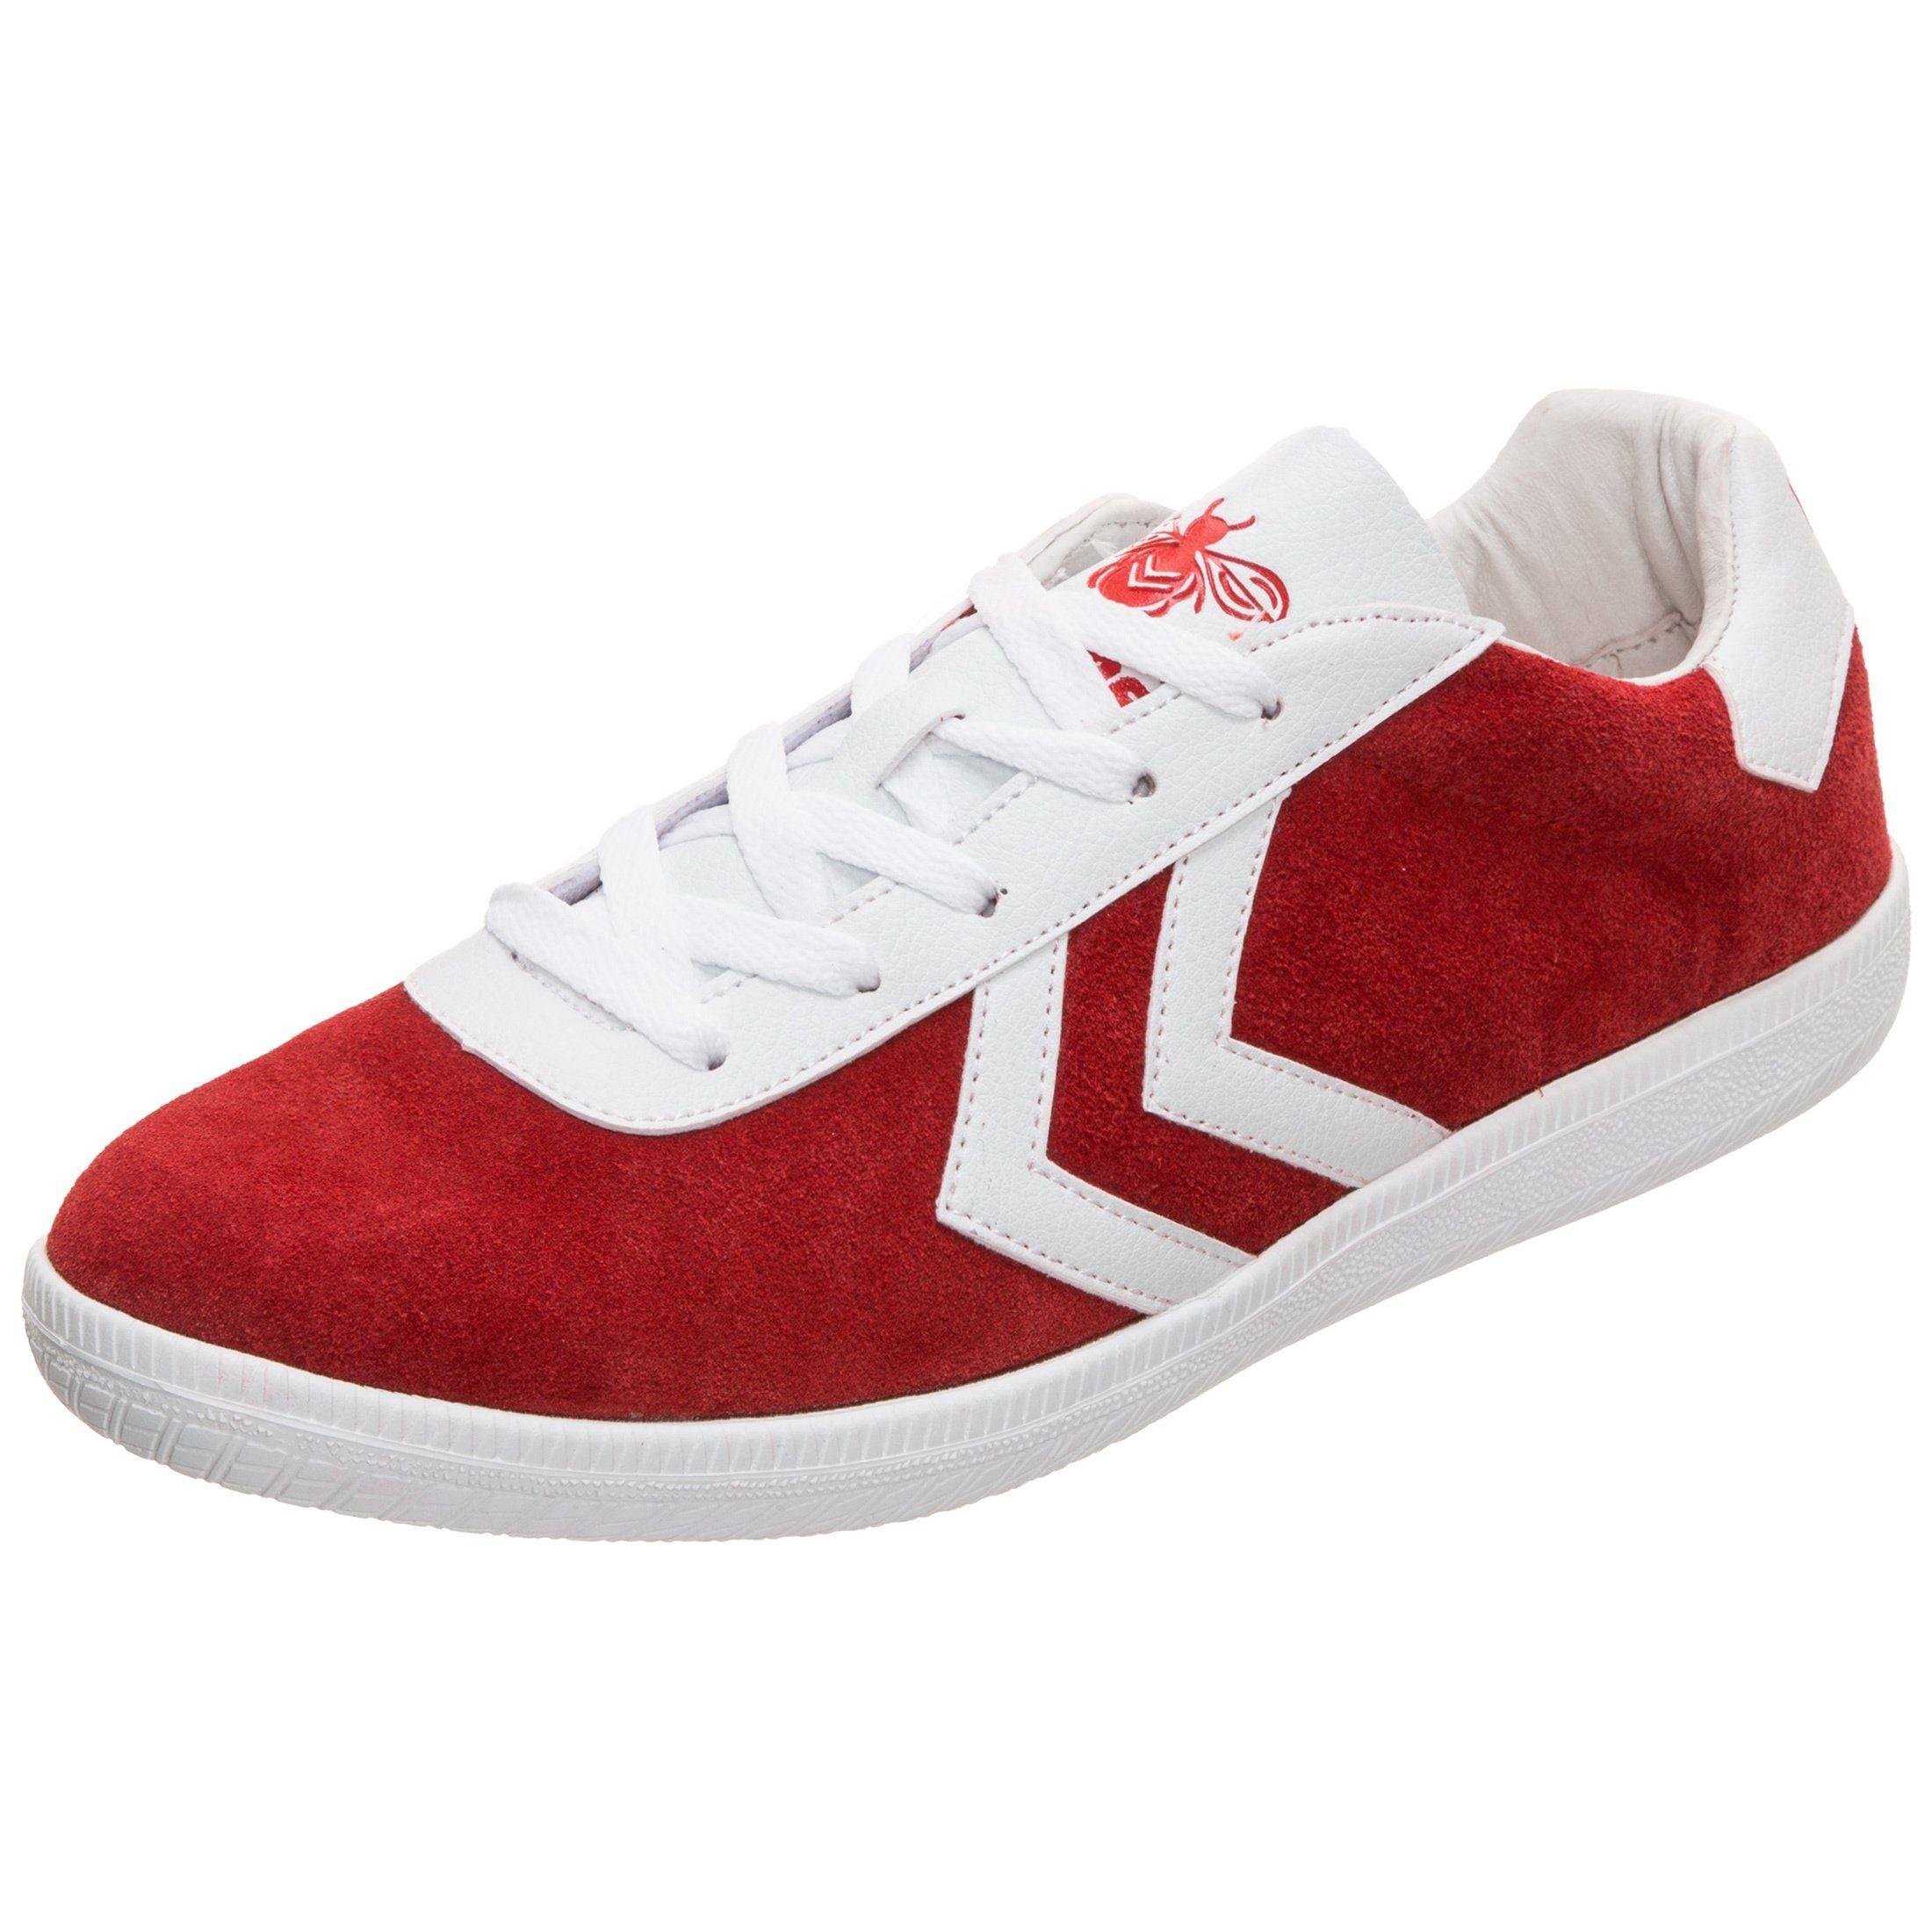 hummel Sneaker Off-field | Schuhe | Rot | Hummel